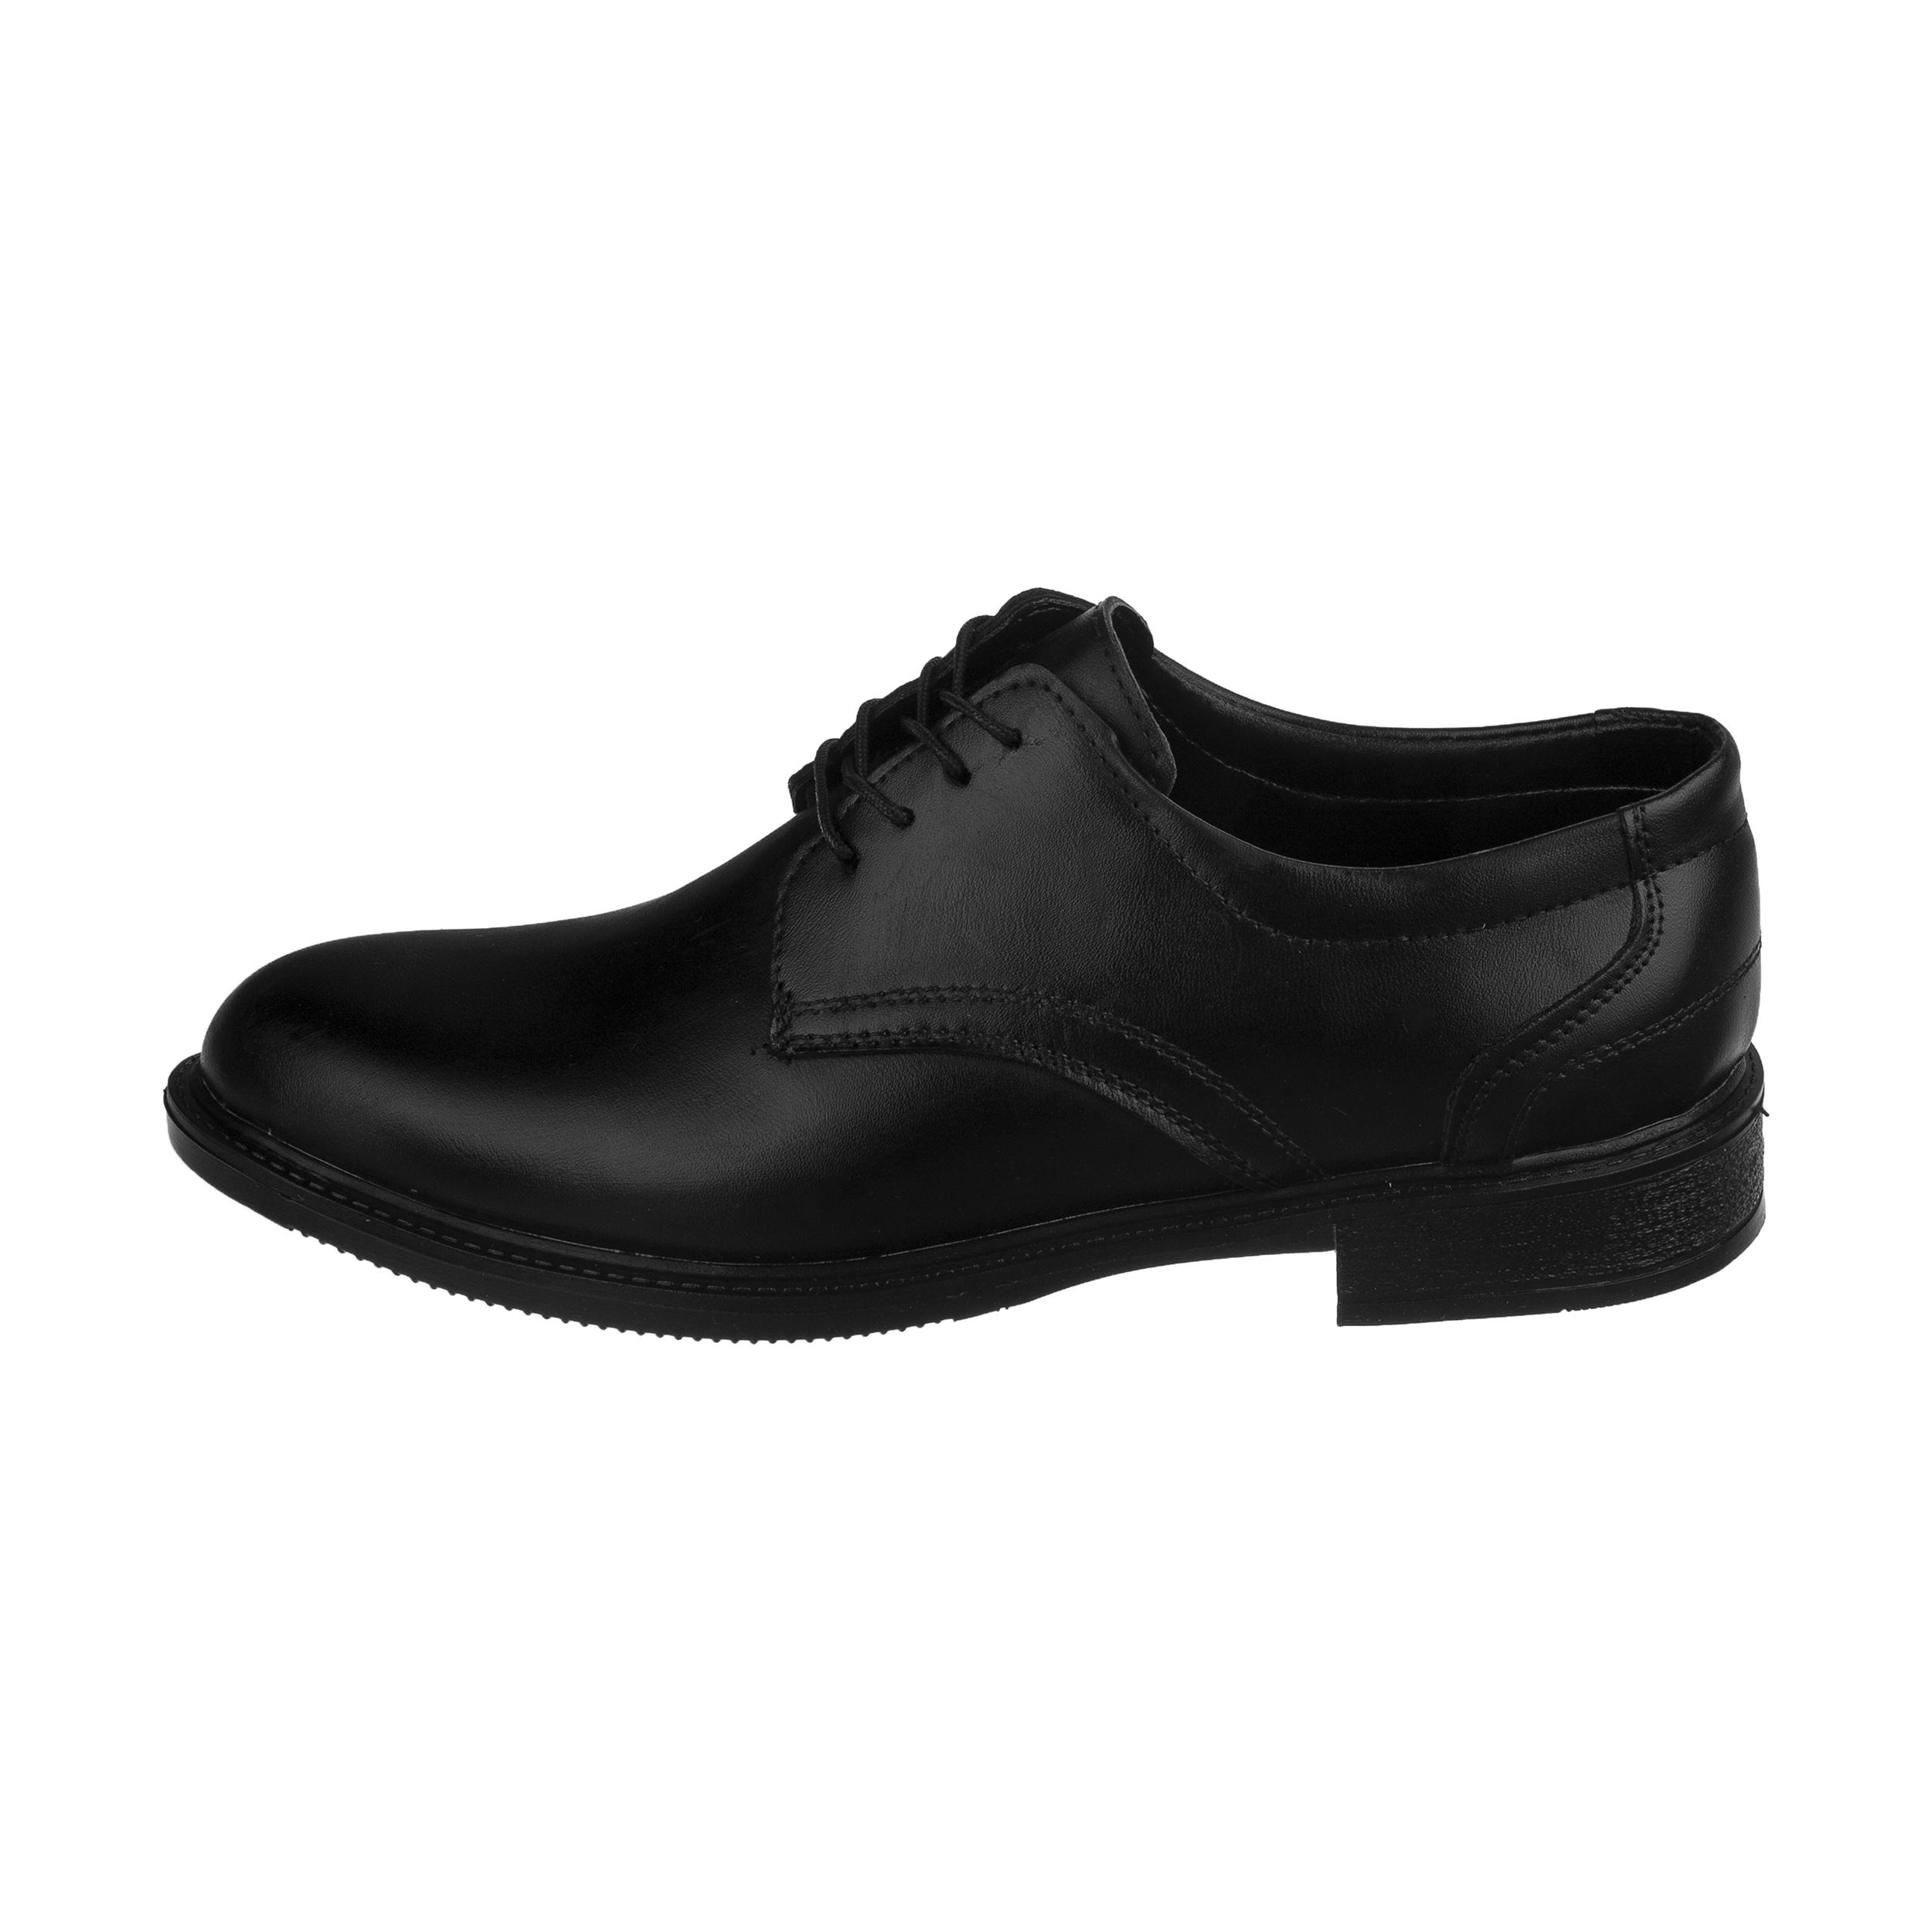 کفش مردانه مدل k.baz.102 -  - 2